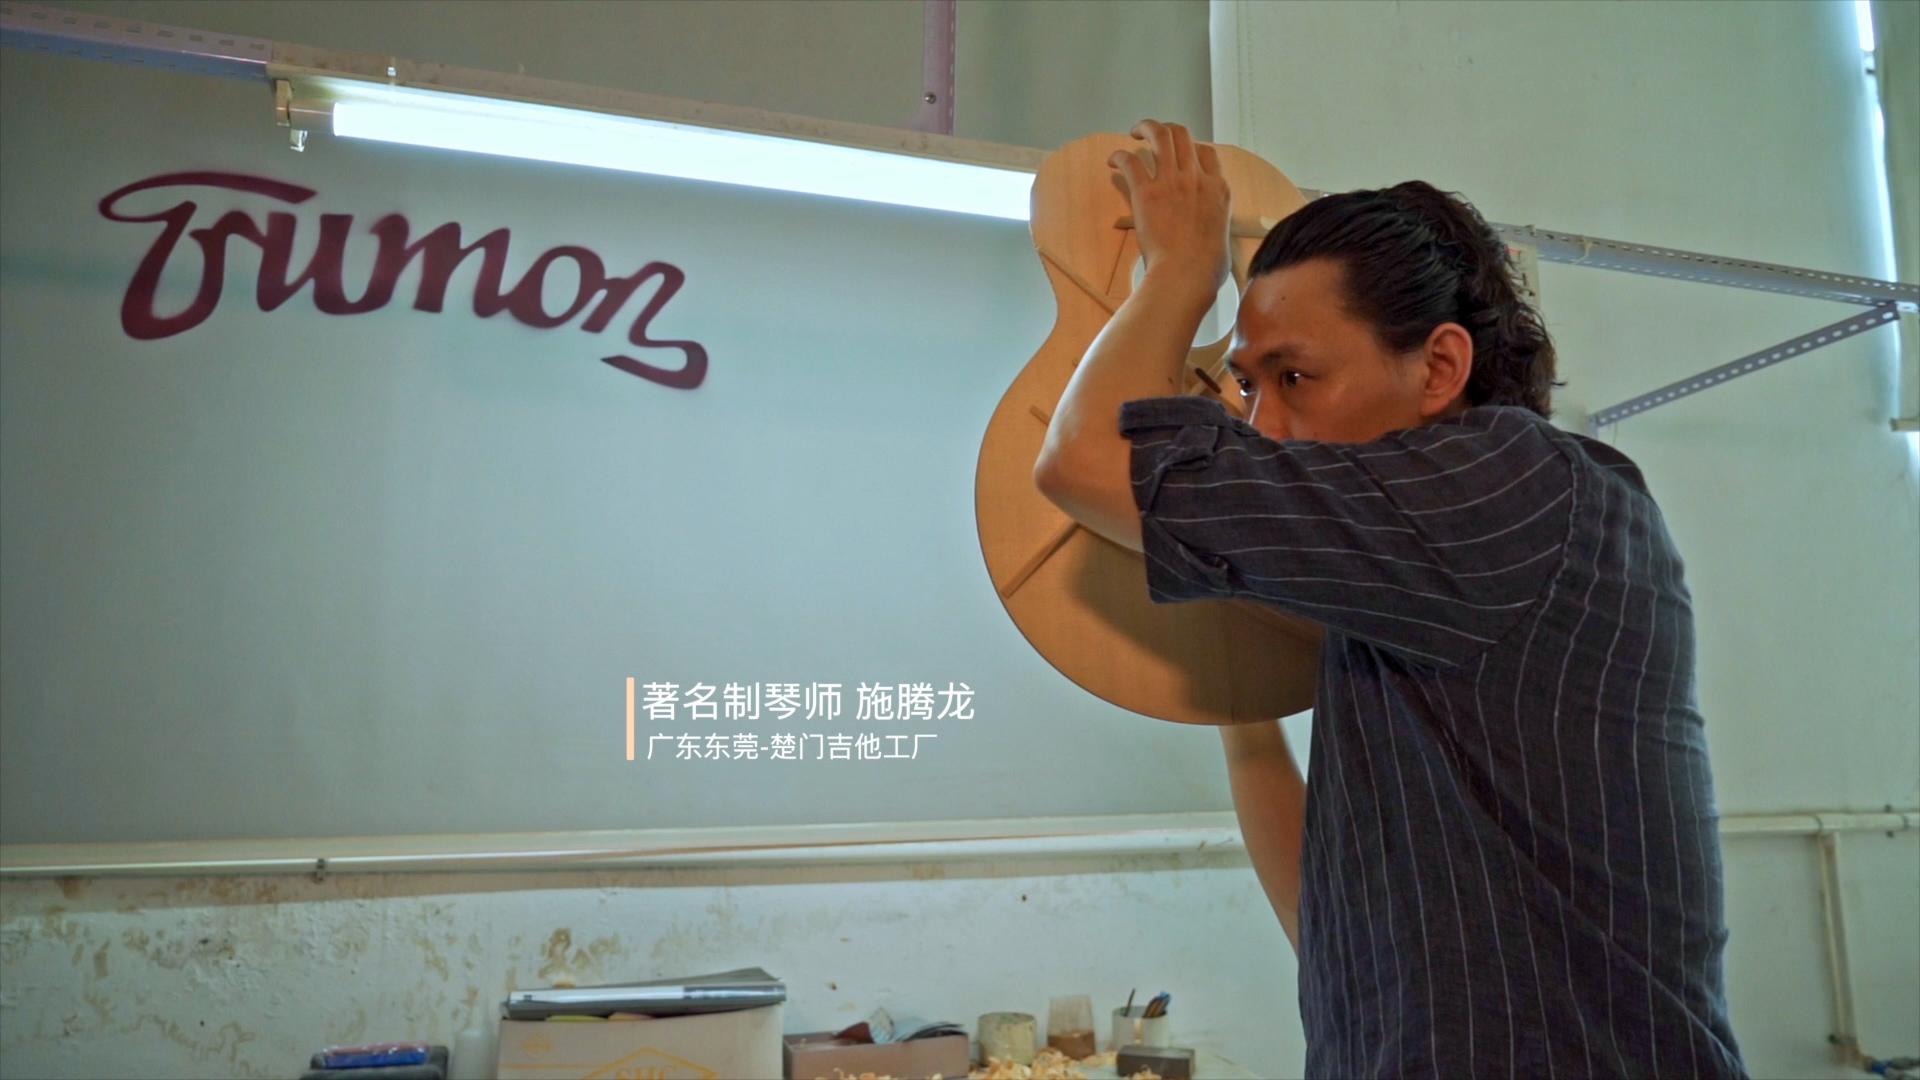 图11:独立手工制琴师施腾龙.jpg